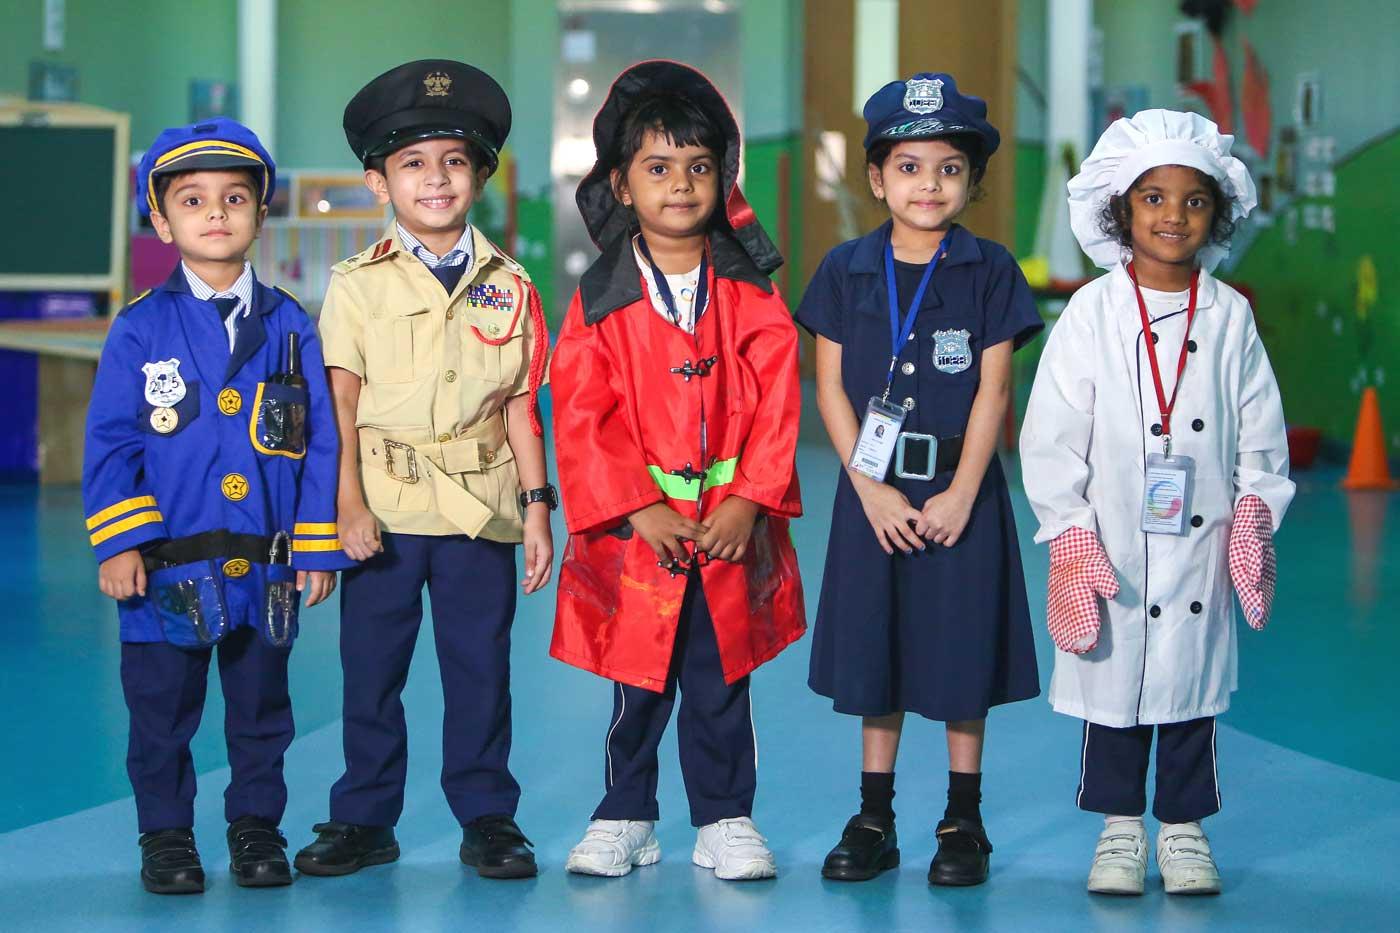 Pre-Primary School Students at GIIS Dubai